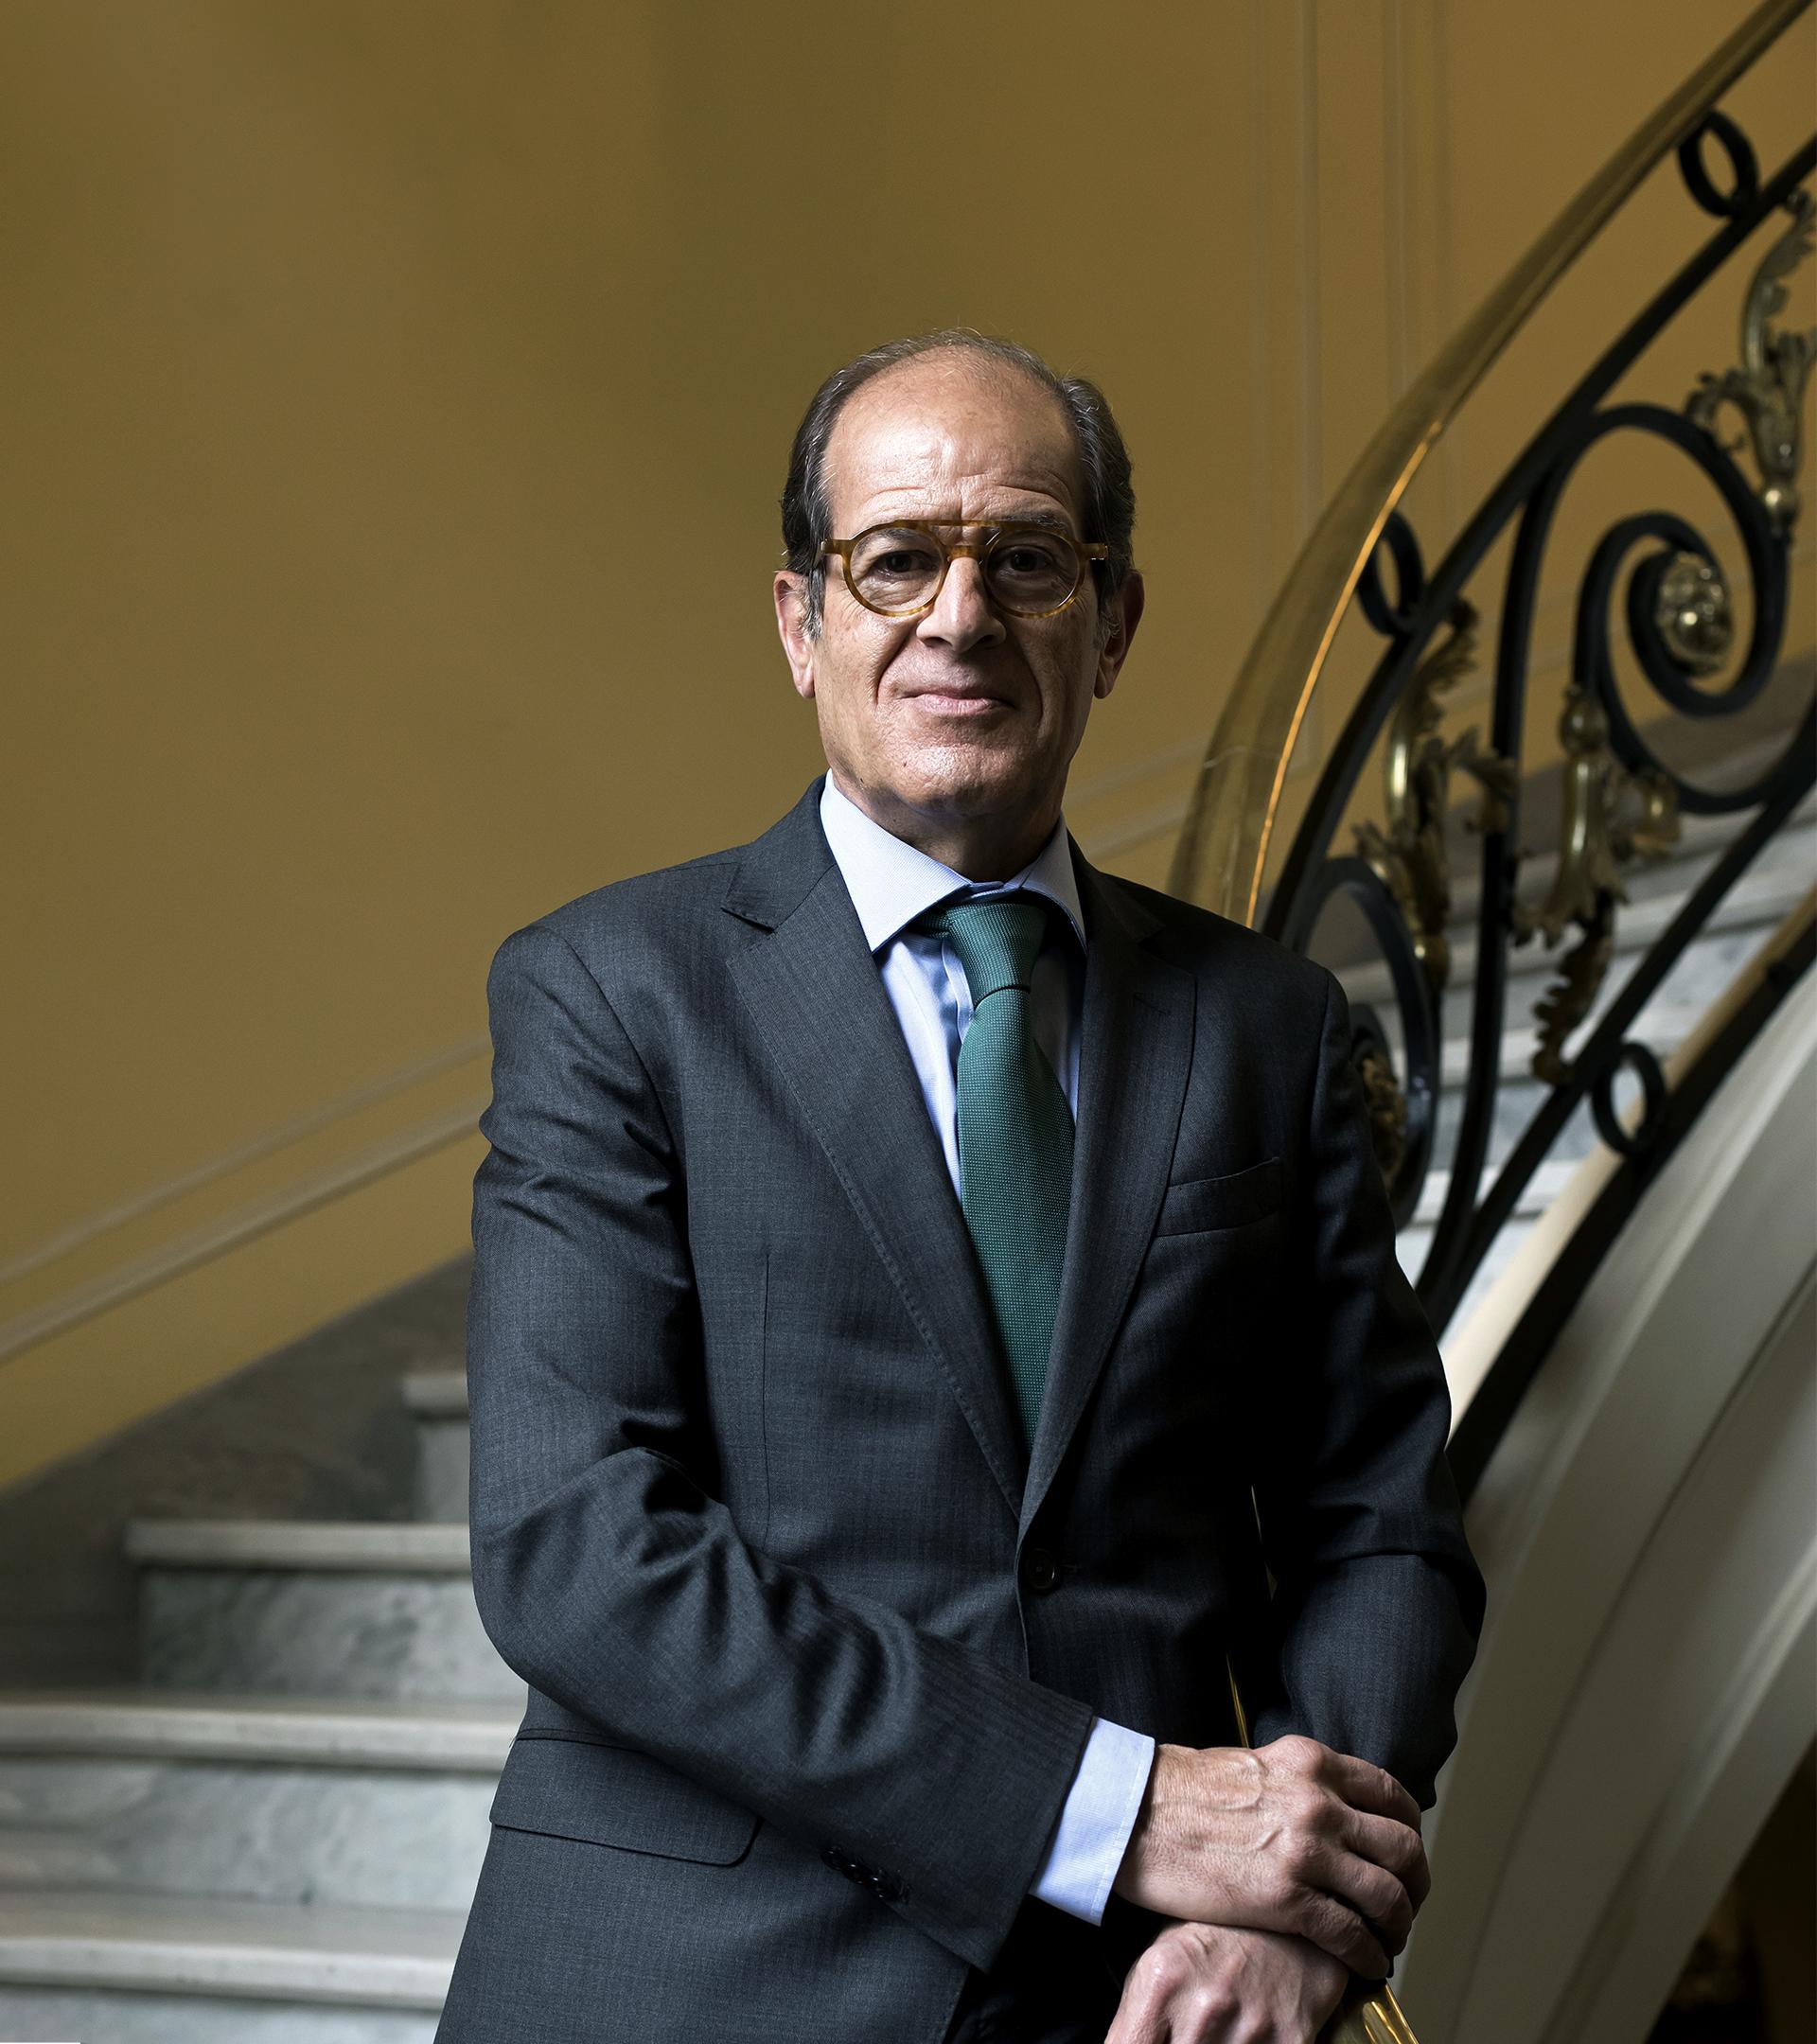 """Anselmo Martín-Peñasco: """"La actual reestructuración del sector financiero, sin precedentes, aún no ha terminado"""""""